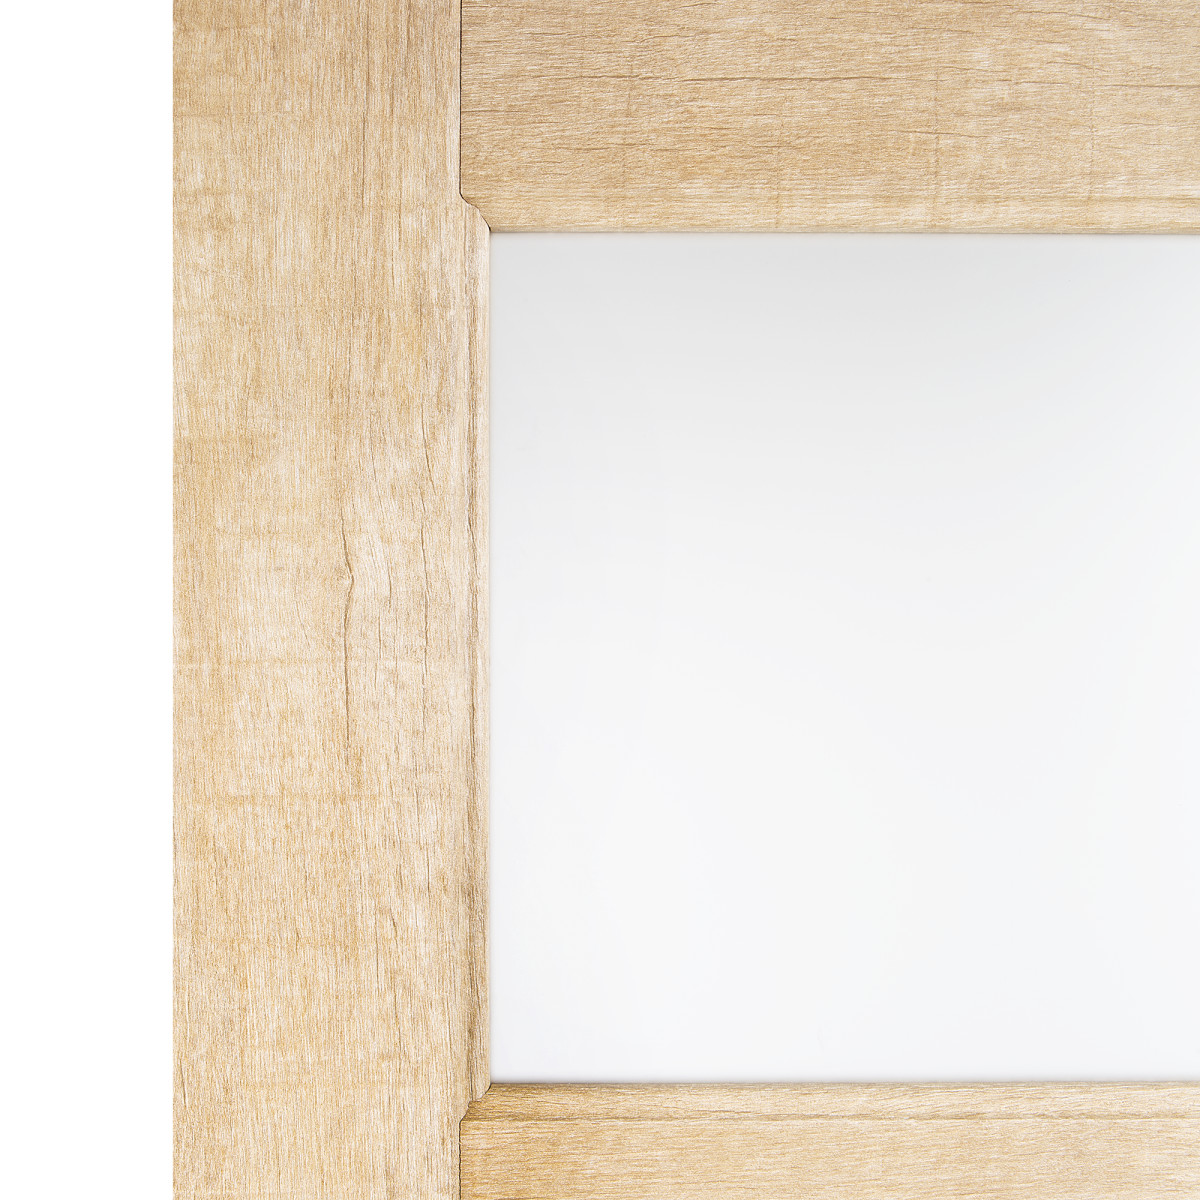 Дверь Межкомнатная Остеклённая Антико 70x200 Цвет Винтажный Дуб